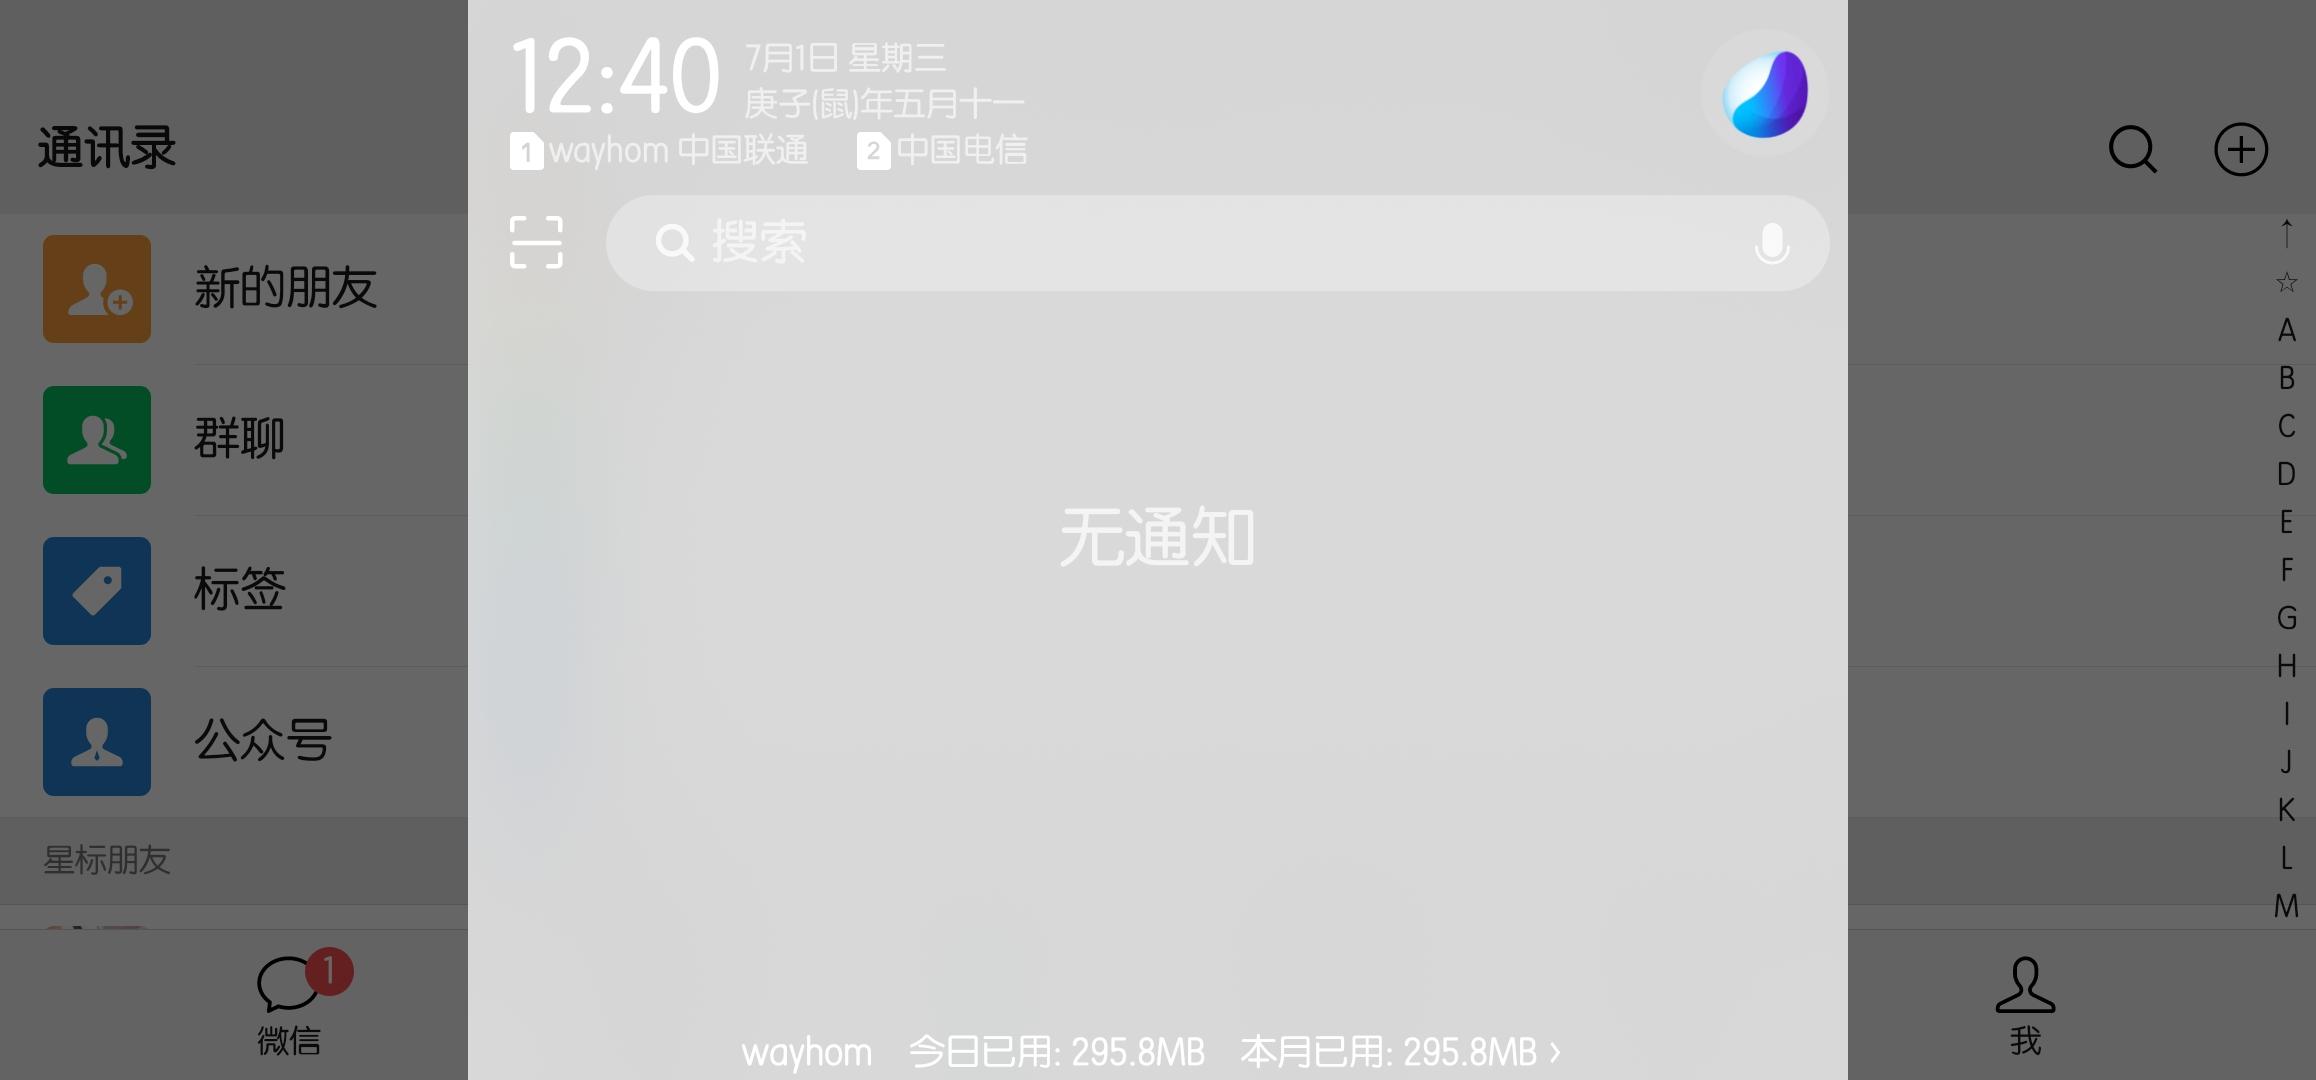 Screenshot_20200701_124042.jpg